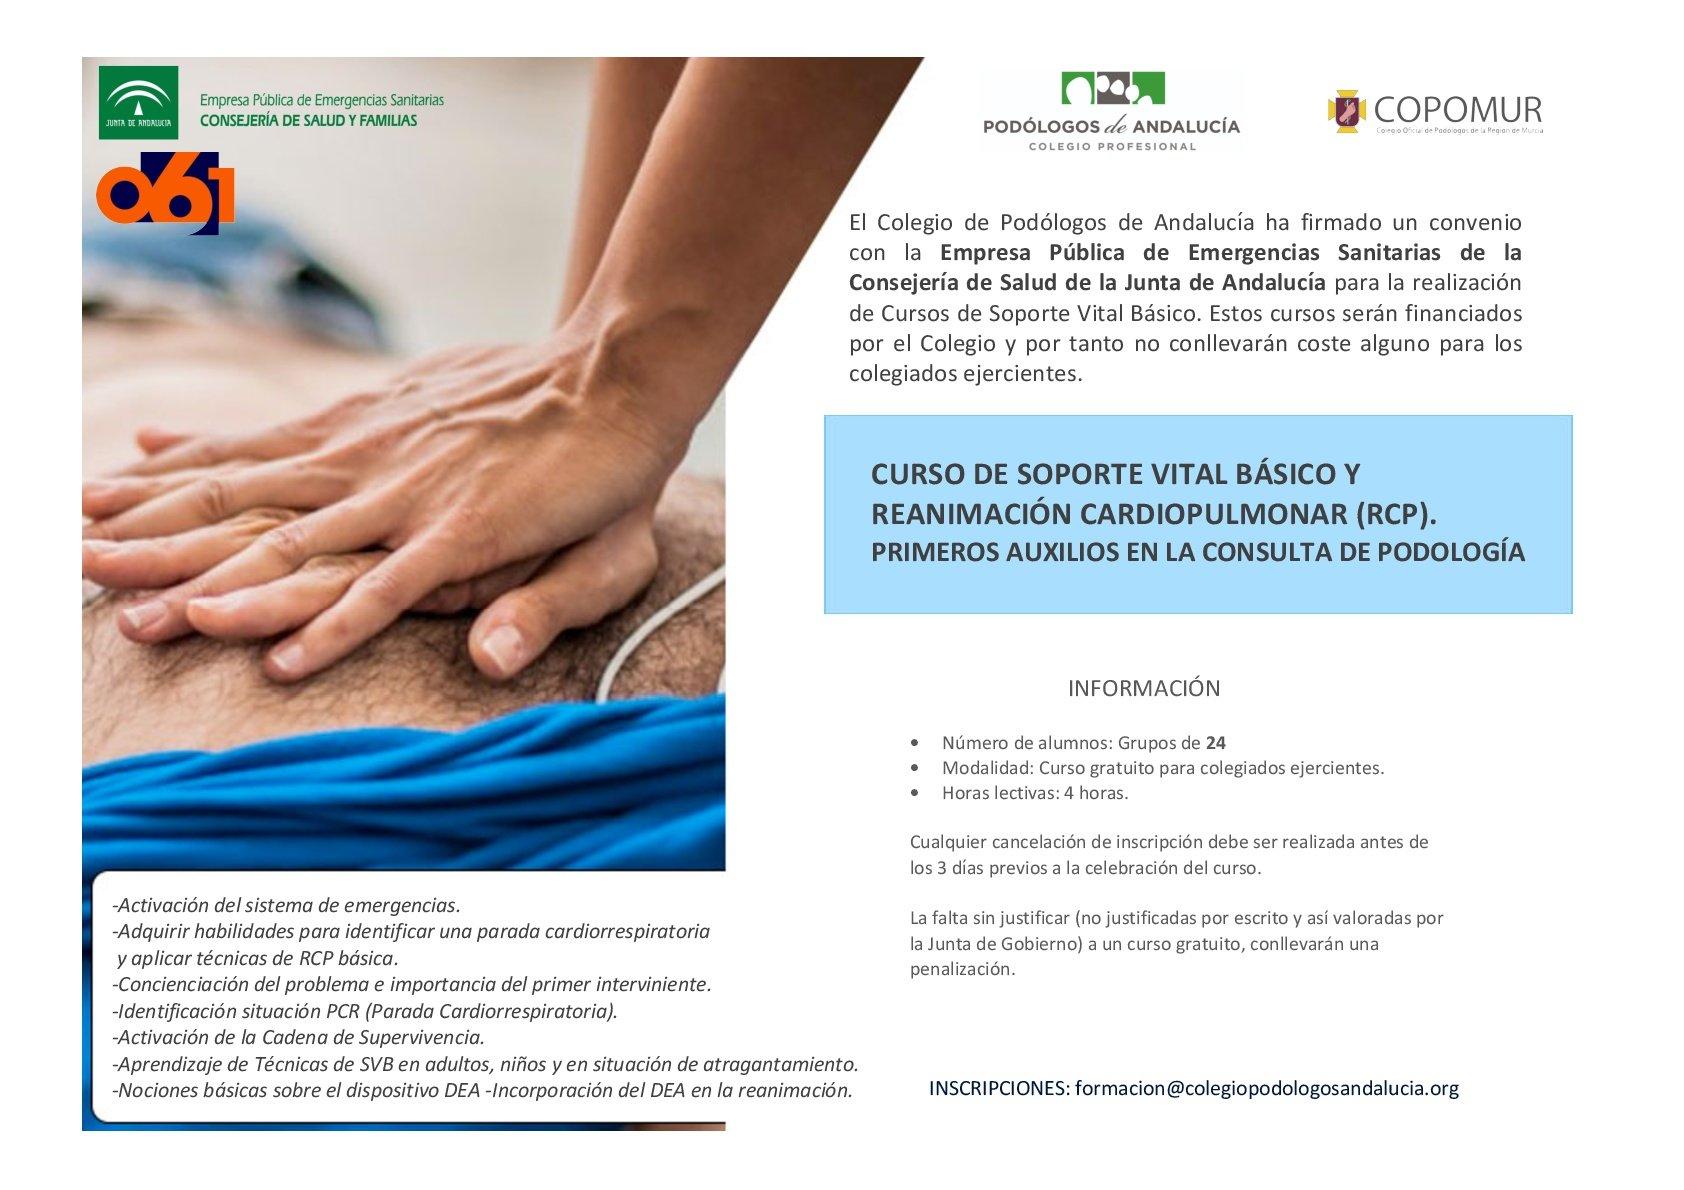 CURSO DE SOPORTE VITAL BÁSICO Y REANIMACIÓN CARDIOPULMONAR (RCP). PRIMEROS AUXILIOS EN LA CONSULTA DE PODOLOGÍA